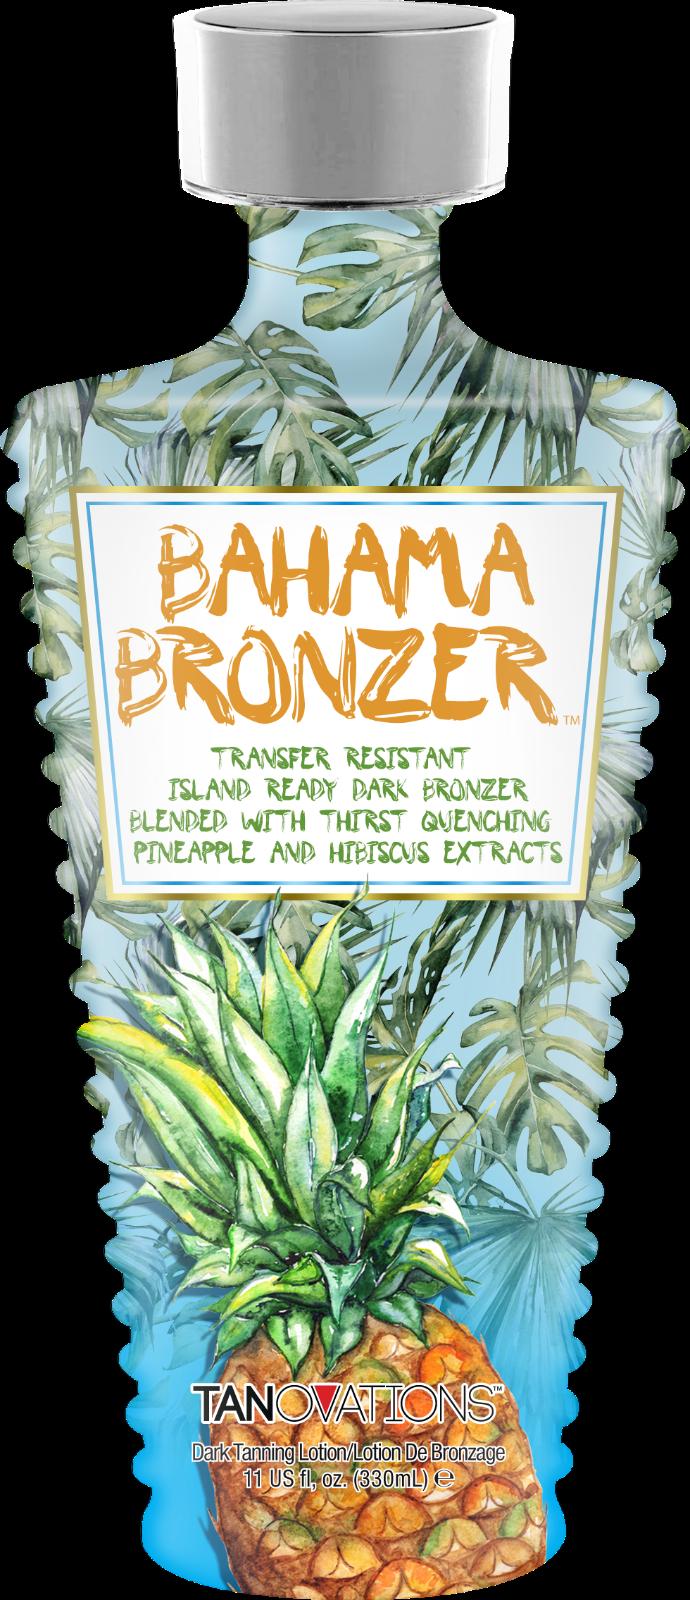 Bahama Bronzer 11 Oz Ed Hardy U-pick 1-6 Bottles